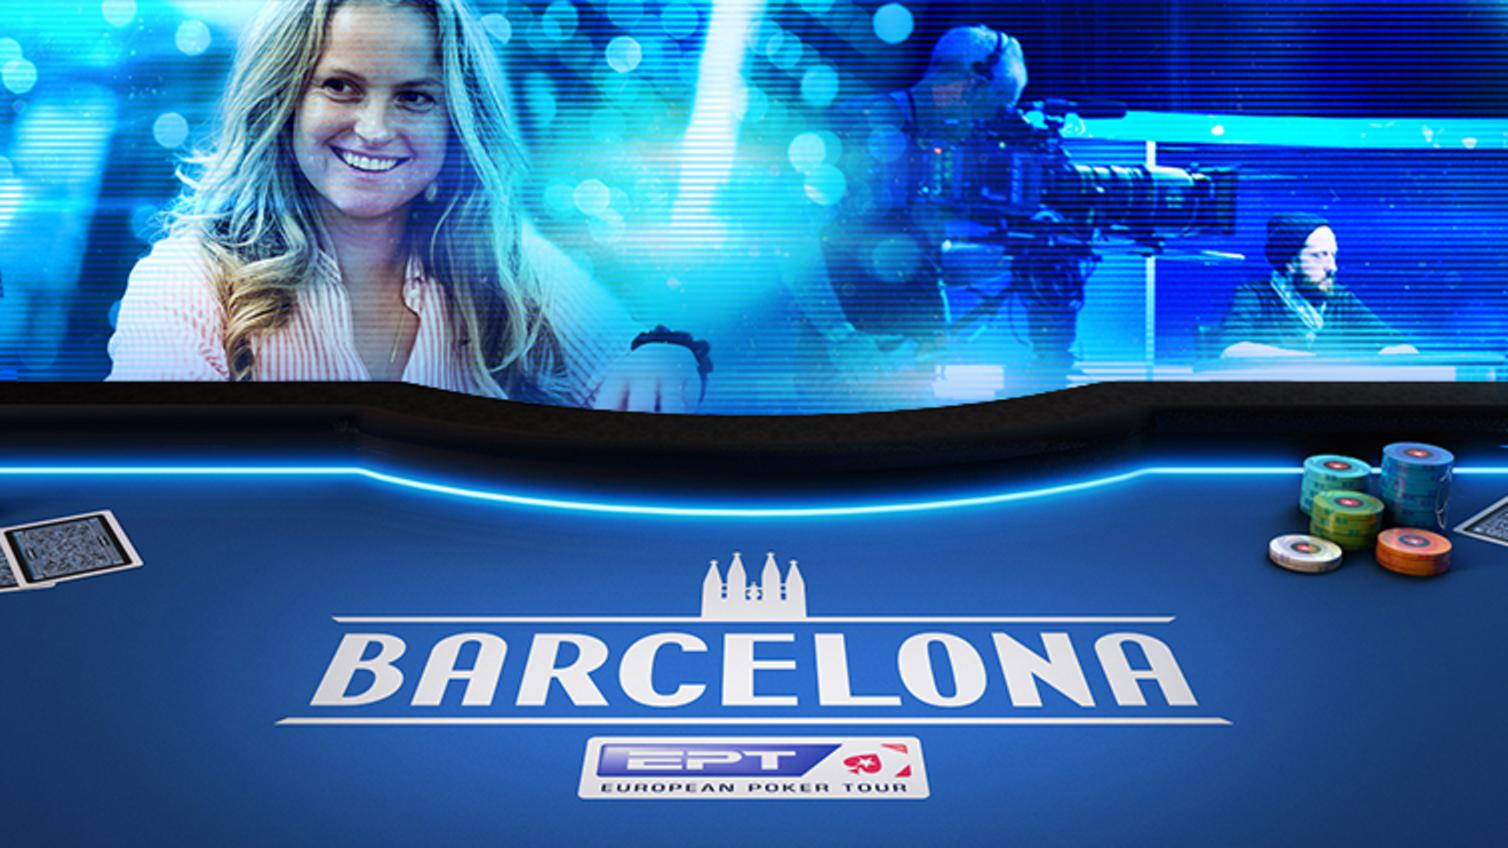 Barcelona, Pokertisch, EPT Logo, Frau